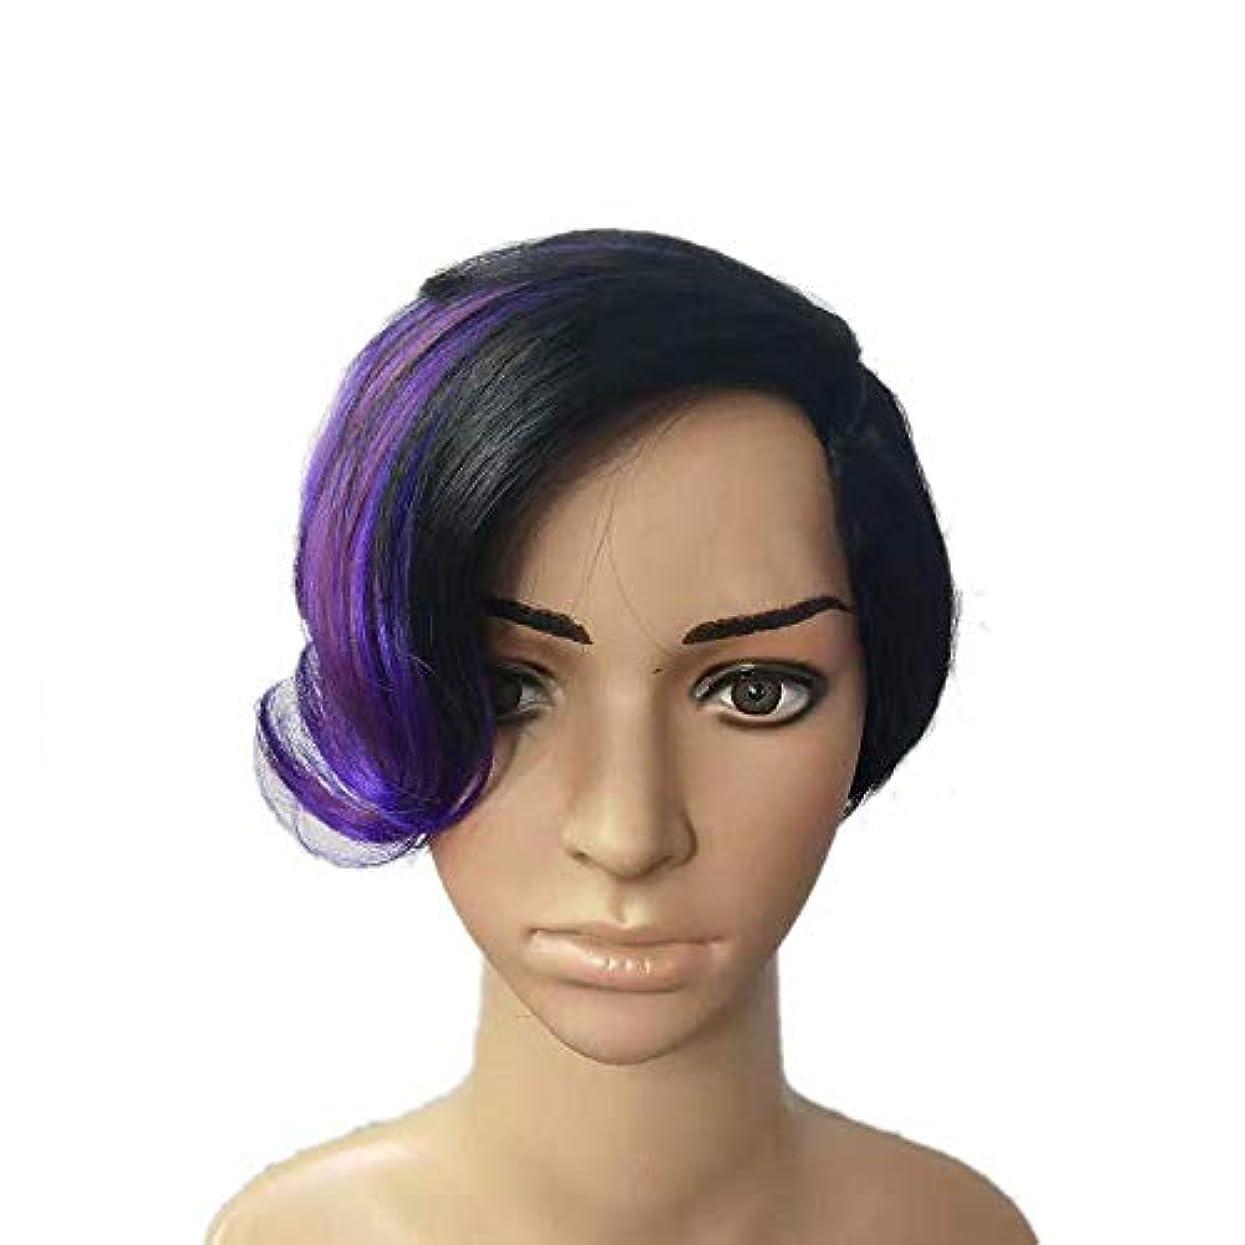 アサー無駄オーラルYOUQIU 女性の黒のハイライトパープルショートカーリーヘアウィッグコスプレパーティードレスウィッグ (色 : Photo Color)